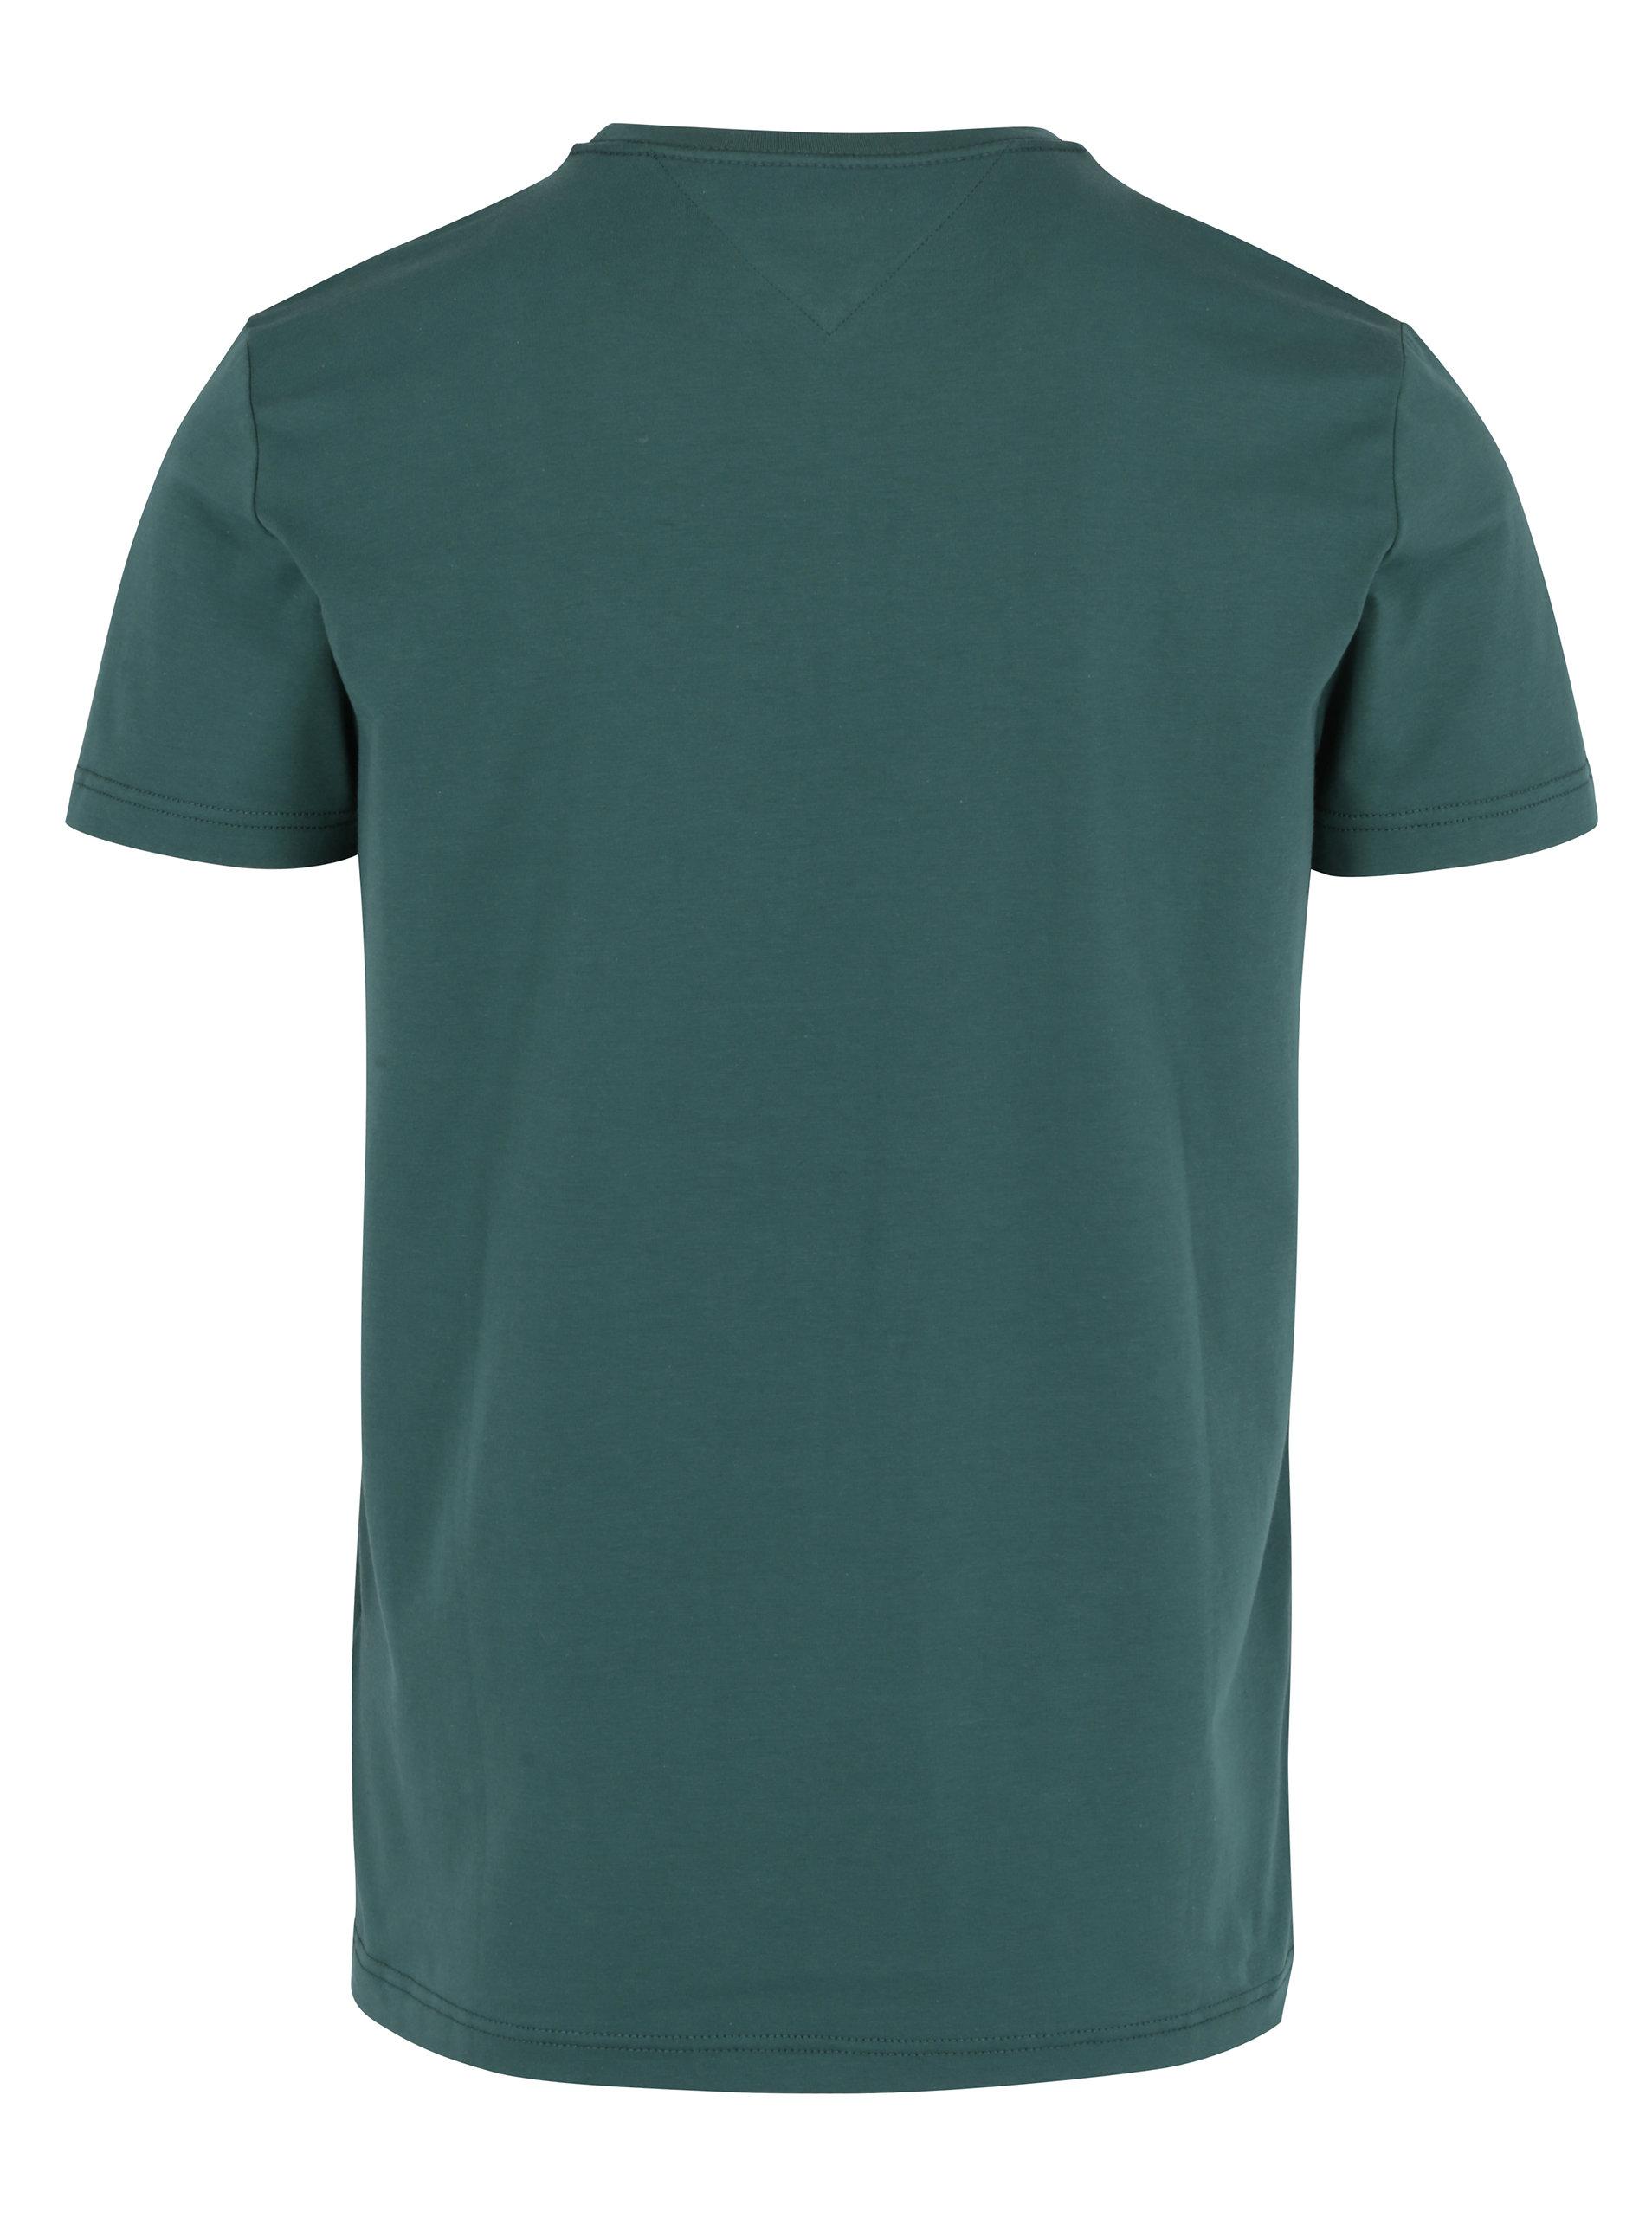 Tmavozelené pánske tričko Tommy Hilfiger New Stretch ... 235d347330b